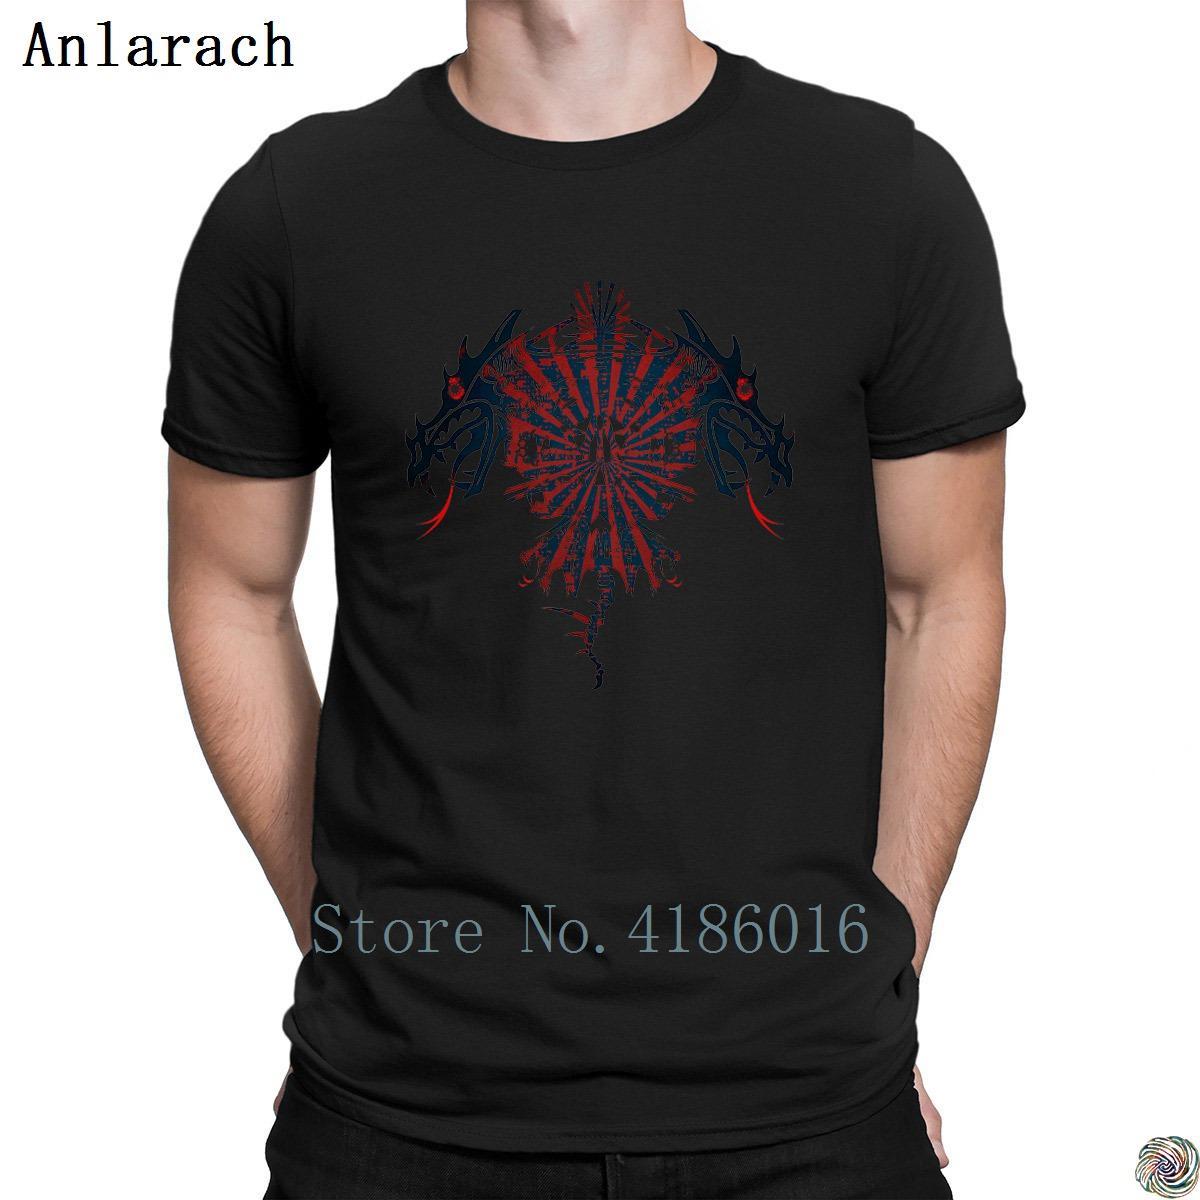 Dragon Comical HipHop Fitness normal de coton T-shirt unisexe hommes Designs Anlarach Printemps Automne